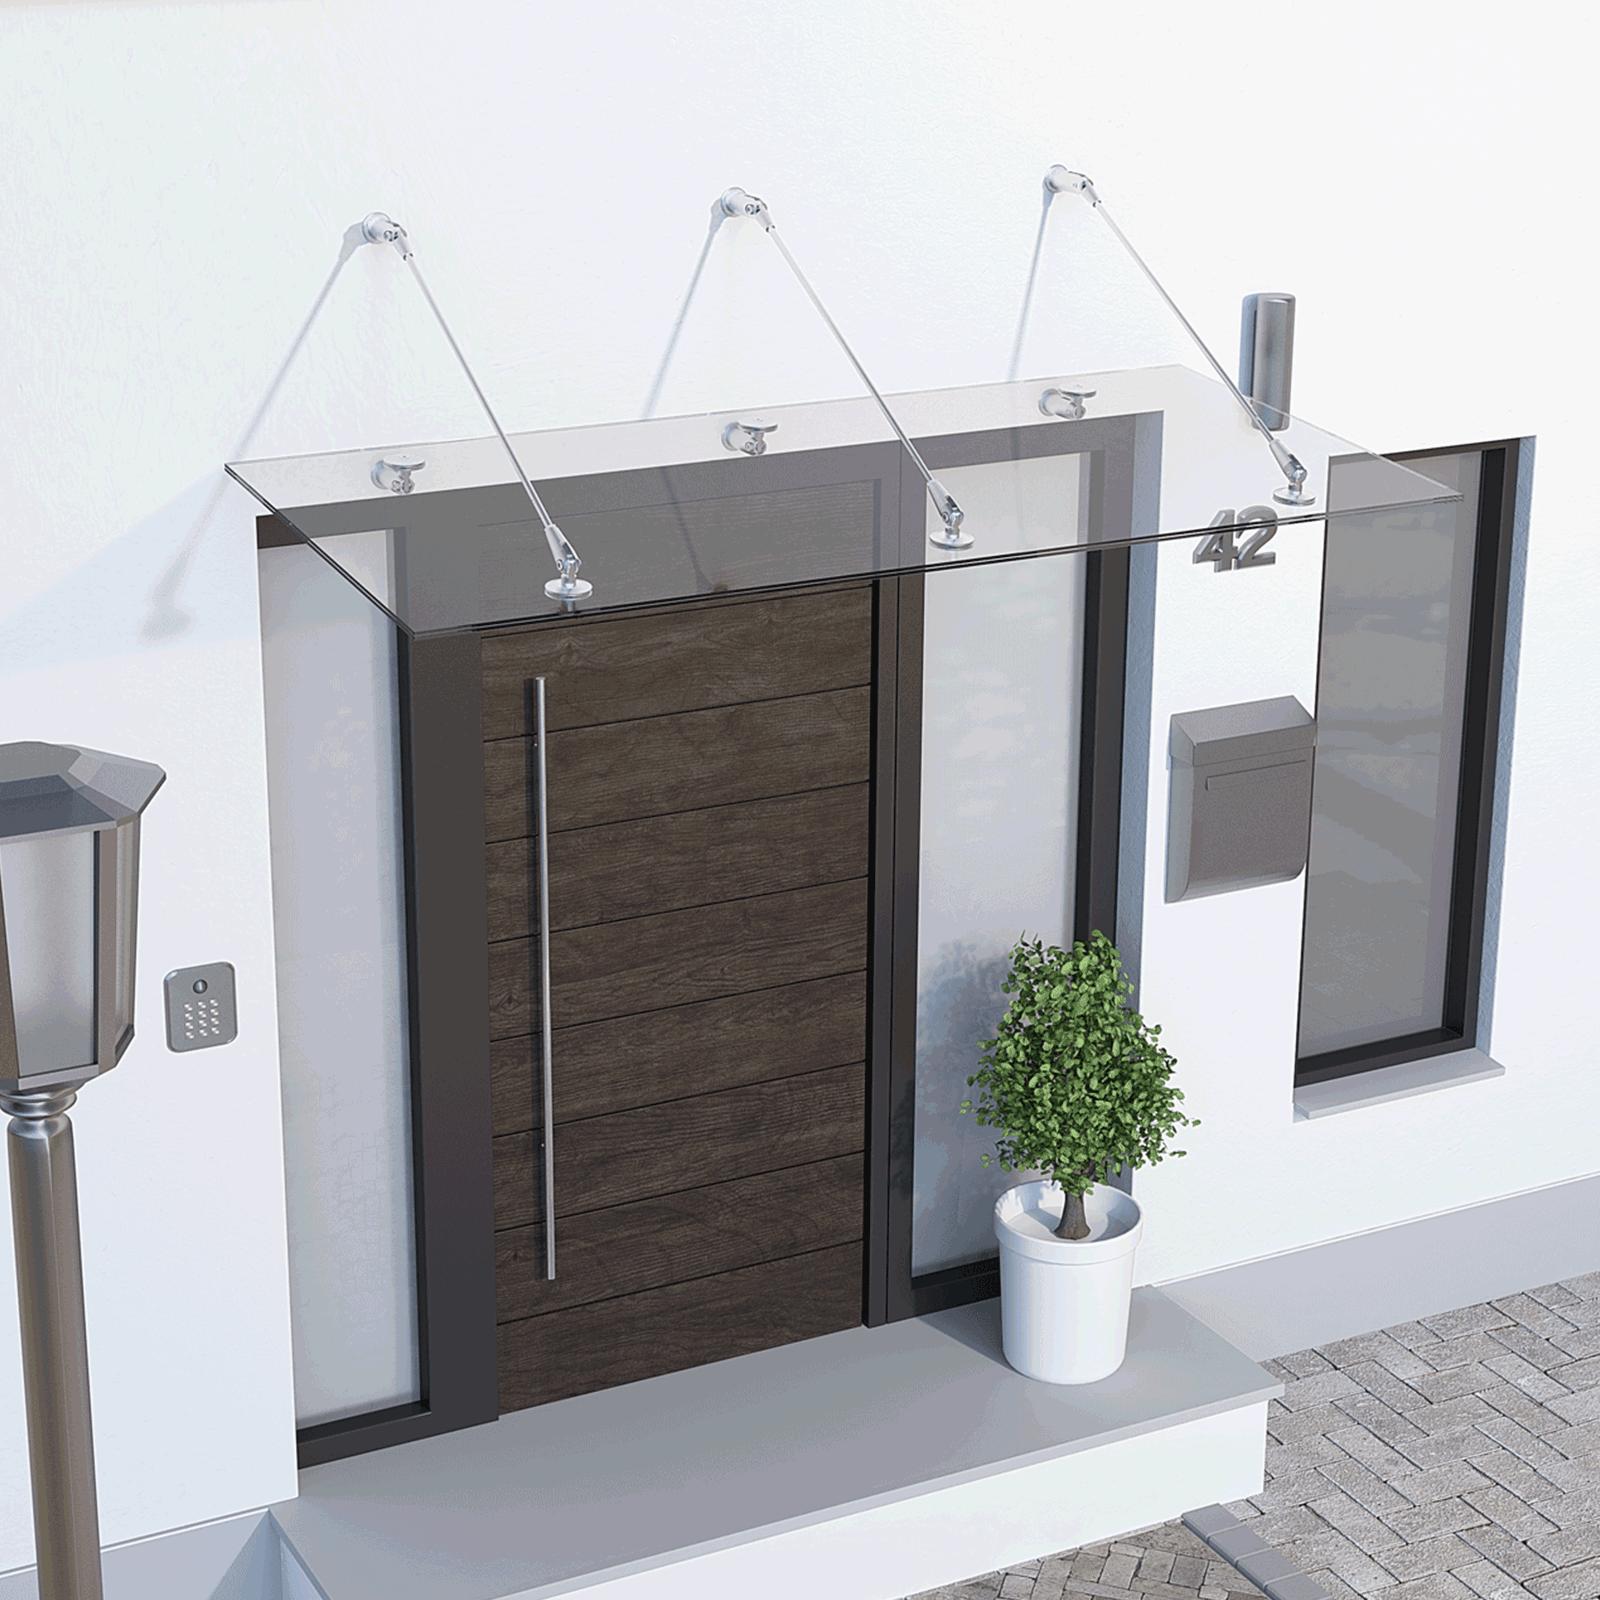 auvents et marquises de porte standard ou sur mesure inova maison inova maison. Black Bedroom Furniture Sets. Home Design Ideas